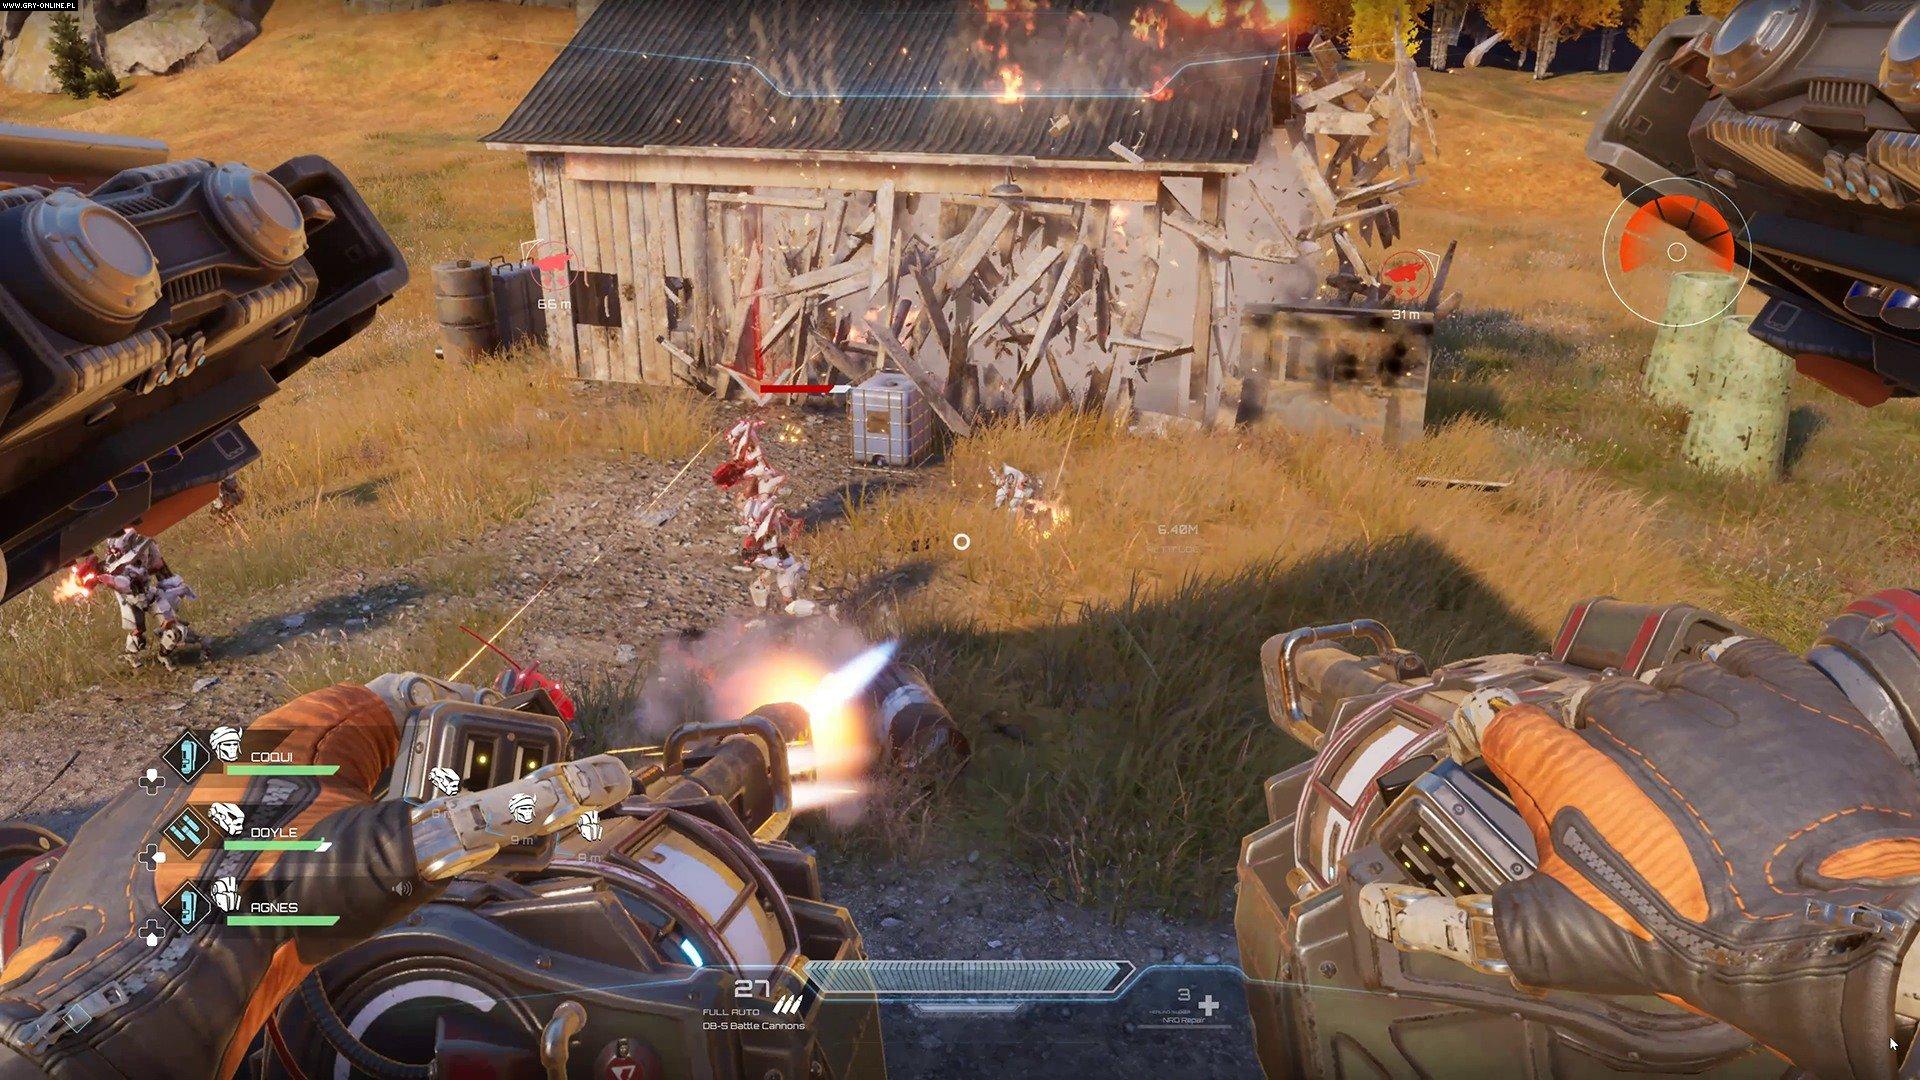 《光环》创始人打造的科幻机甲FPS《崩解》 原本也想做成RTS